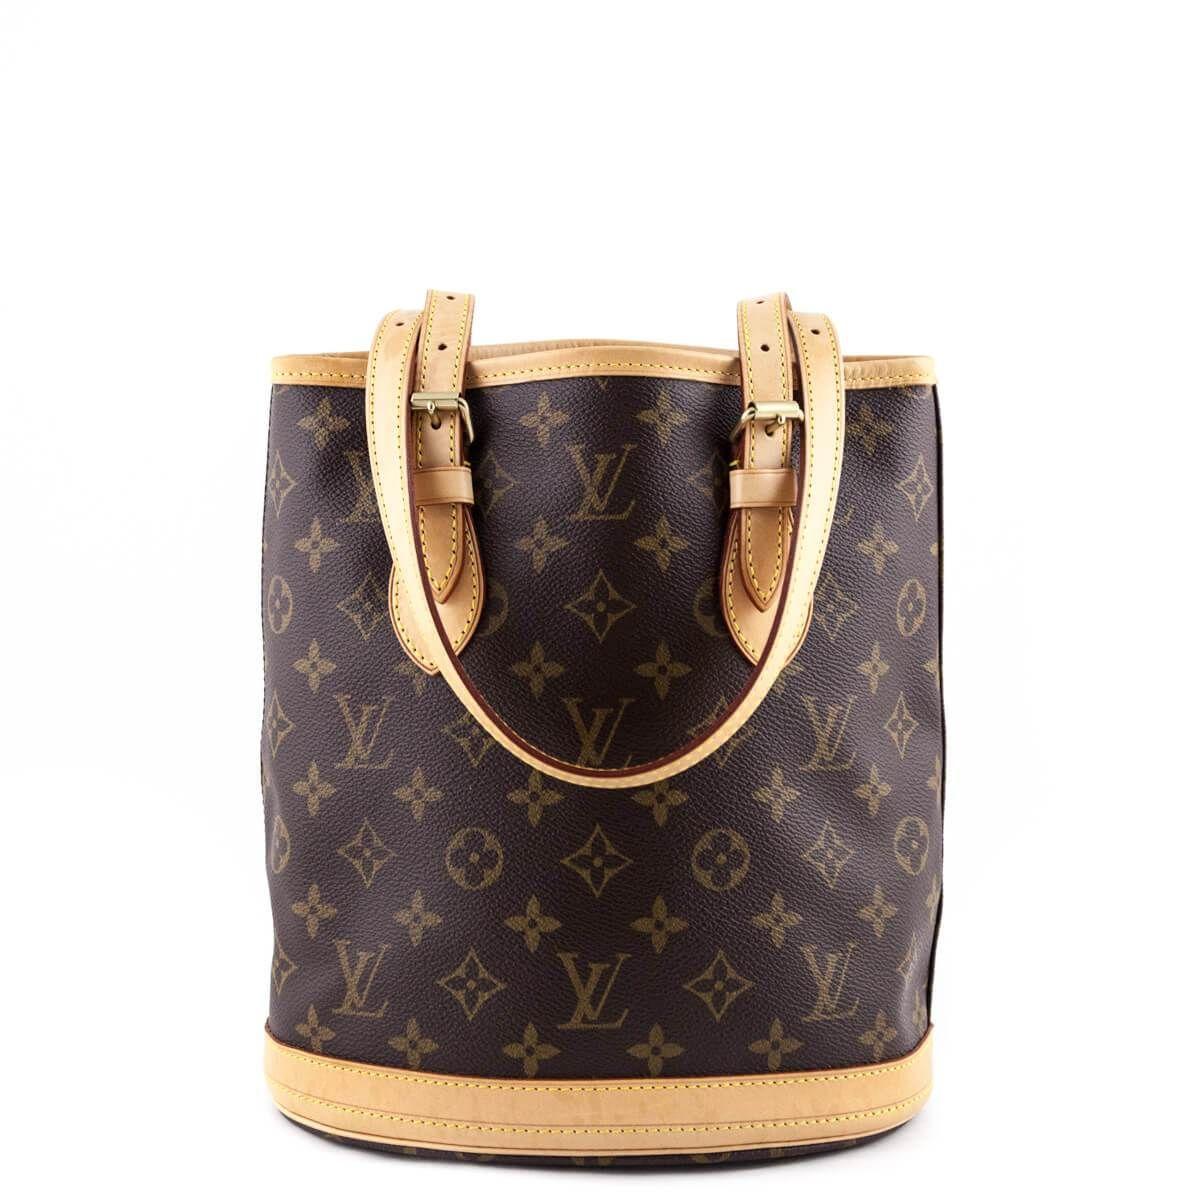 Authentic Louis Vuitton Alma Pm Vintage Louis Vuitton Best Louis Vuitton Vintage On Etsy Handbag Louis Vui Louis Vuitton Handbags Louis Vuitton Alma Pm Vuitton